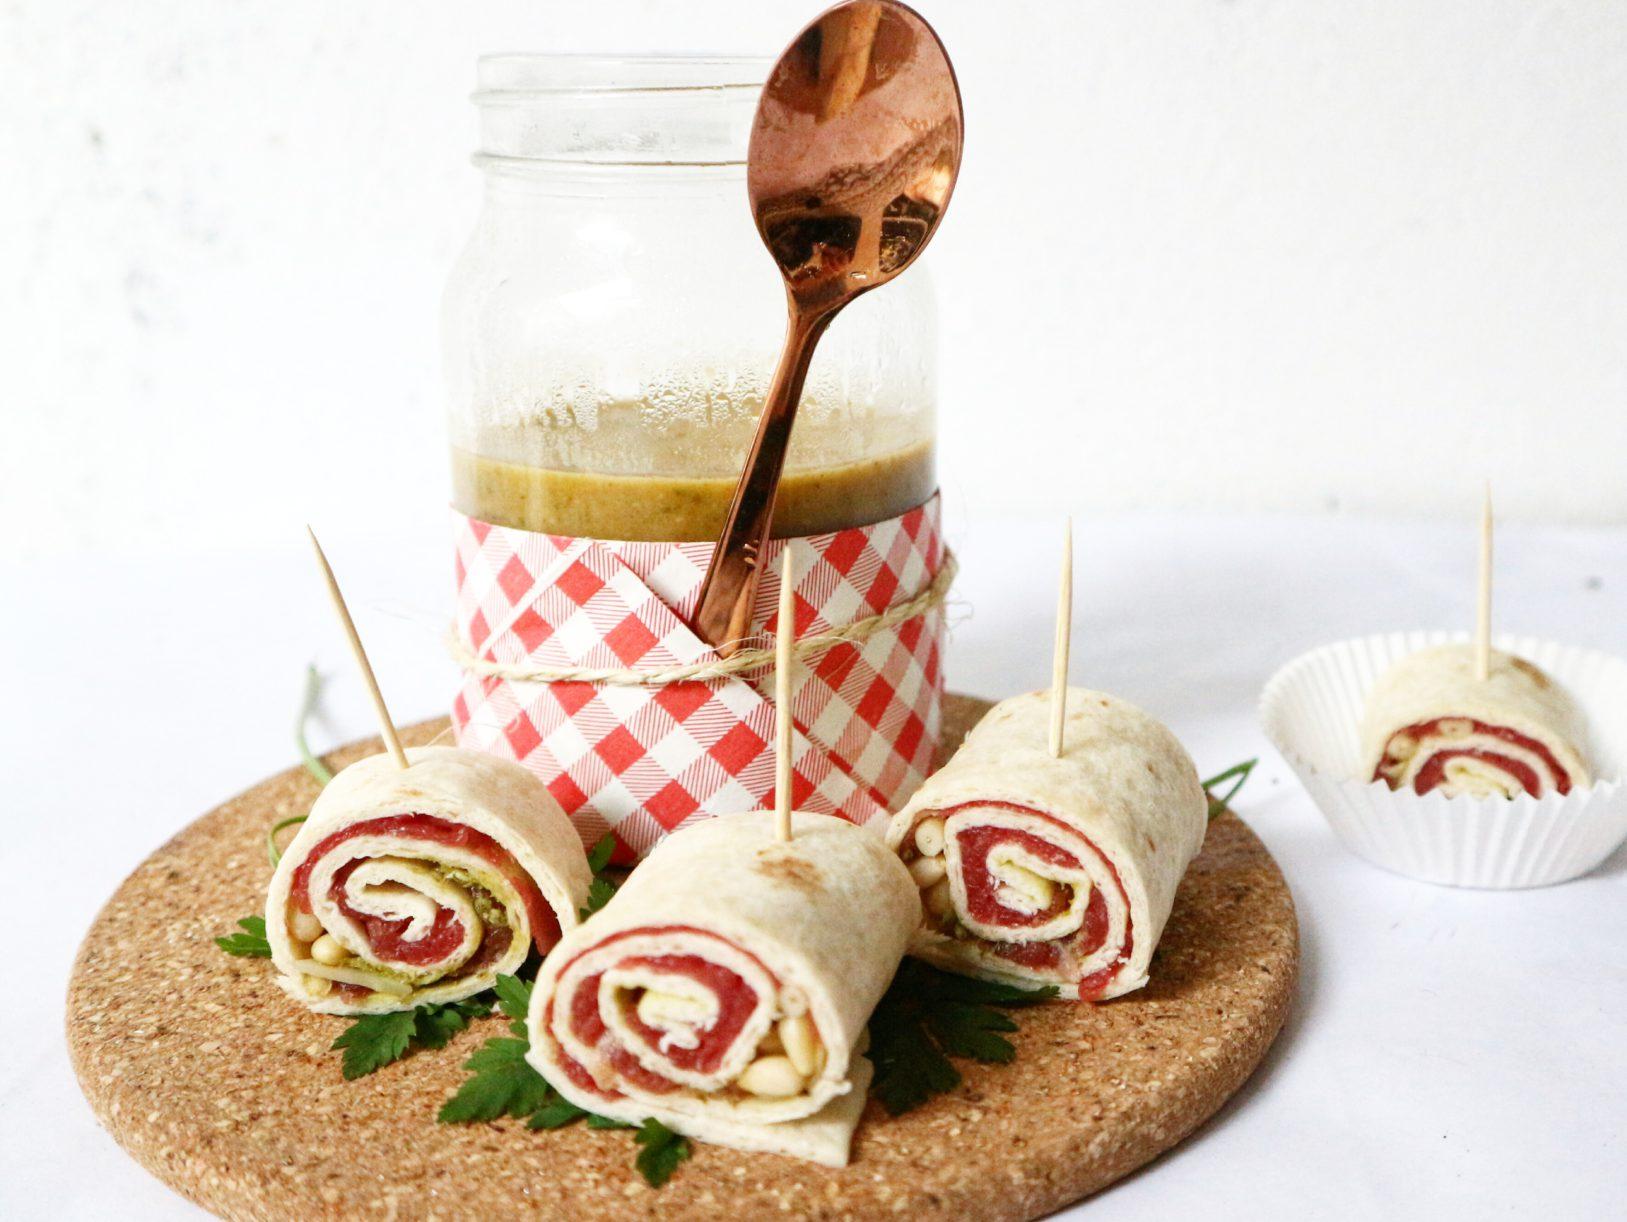 curry soepje met carpaccio wraps voorgerecht recept gymjunkies kerstmenu 2018 nicole gabriel